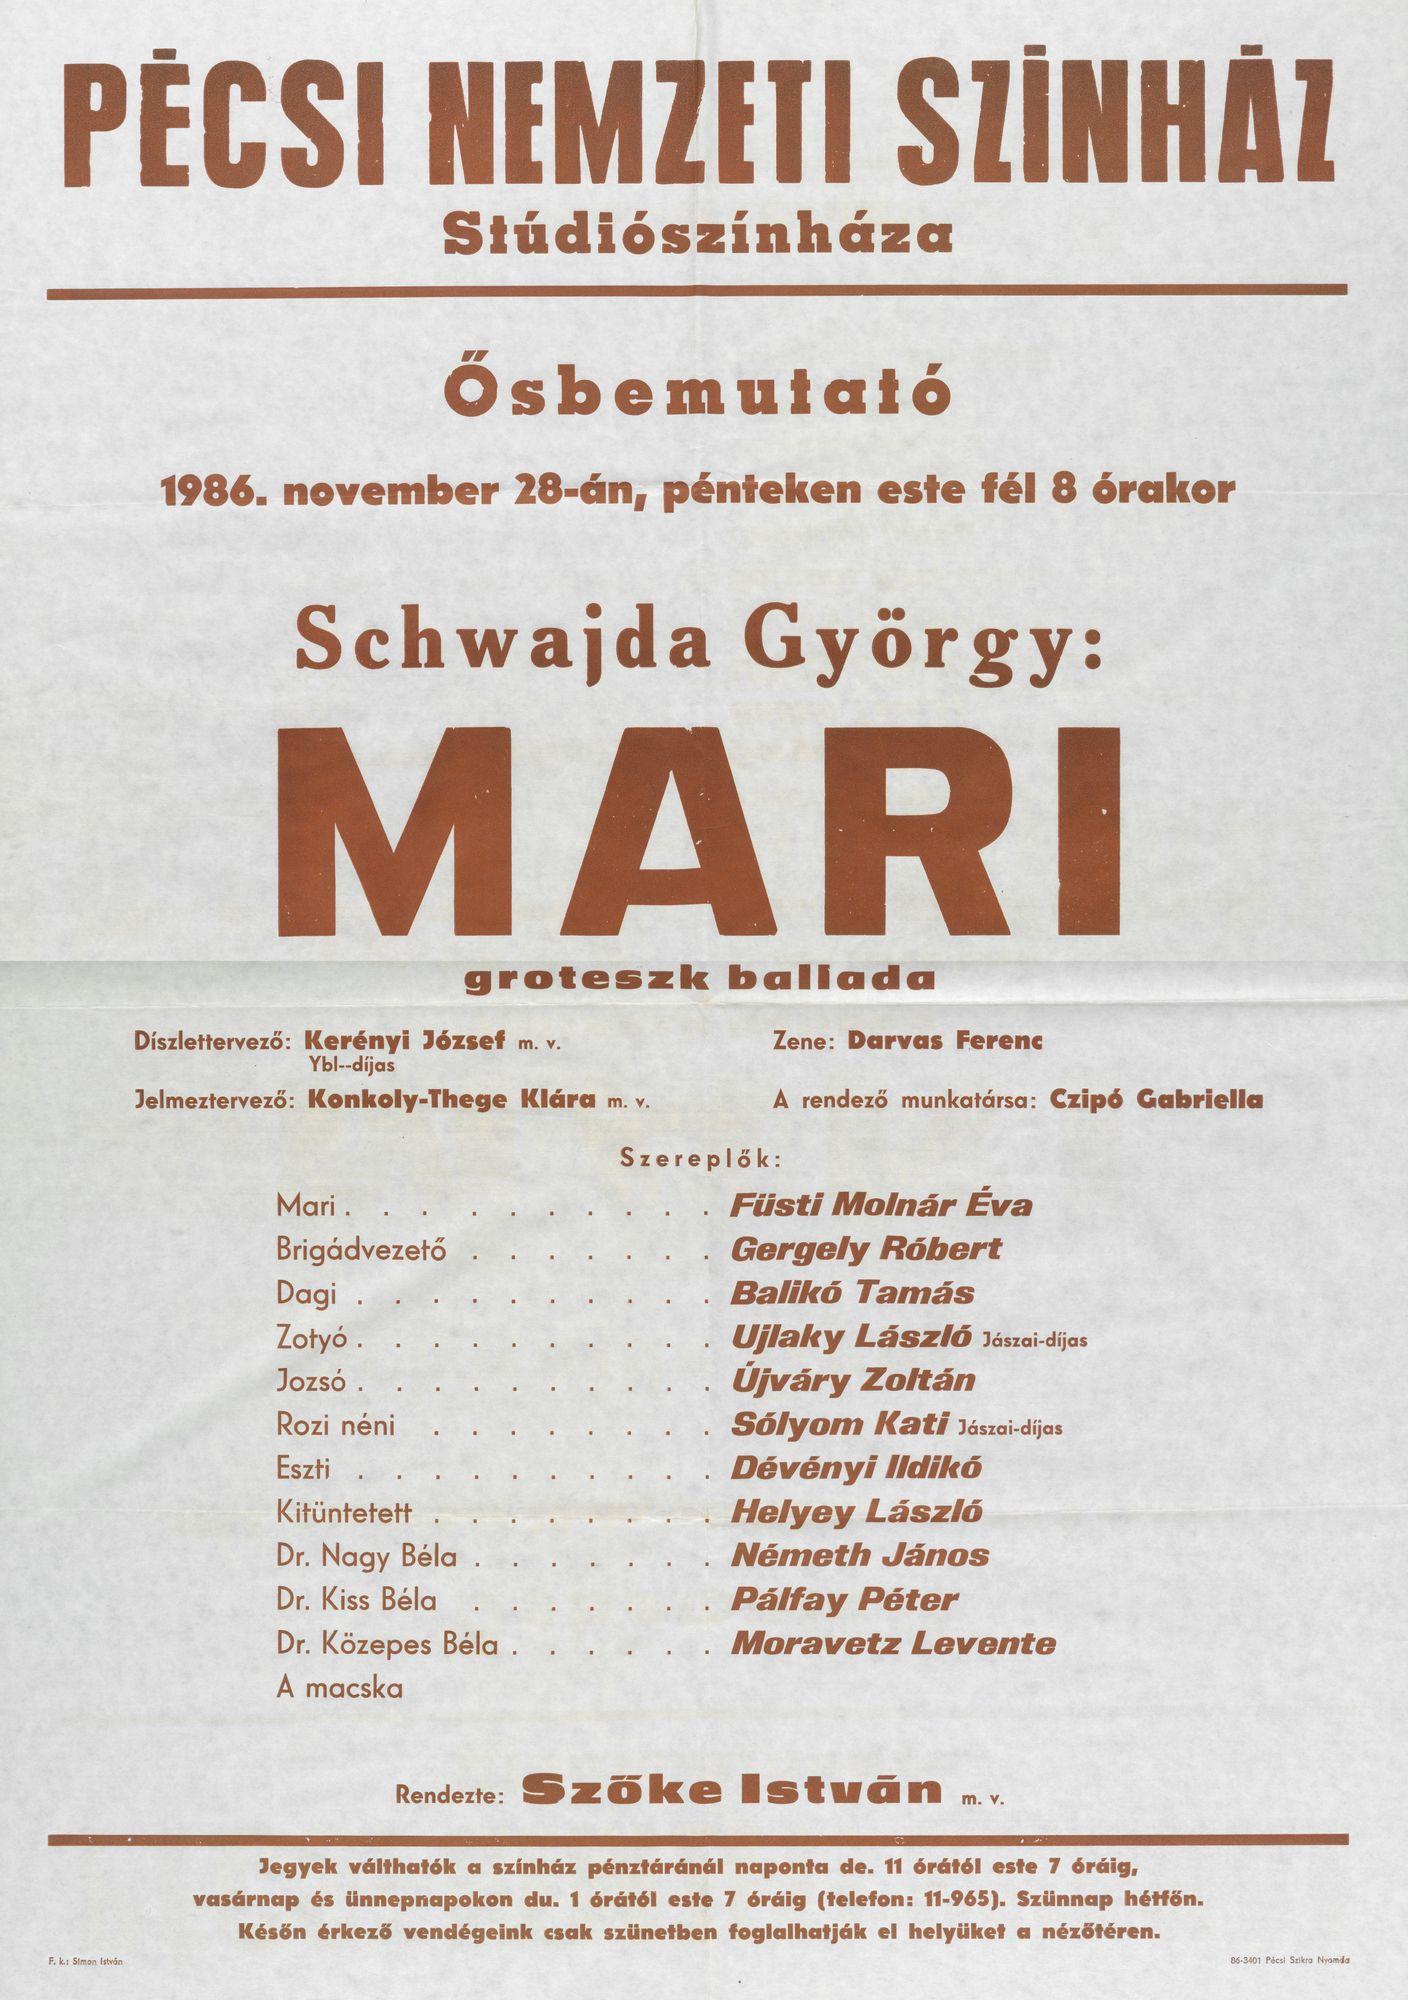 Pécsi Nemzeti Színház [plakát] Schwajda György: Mari